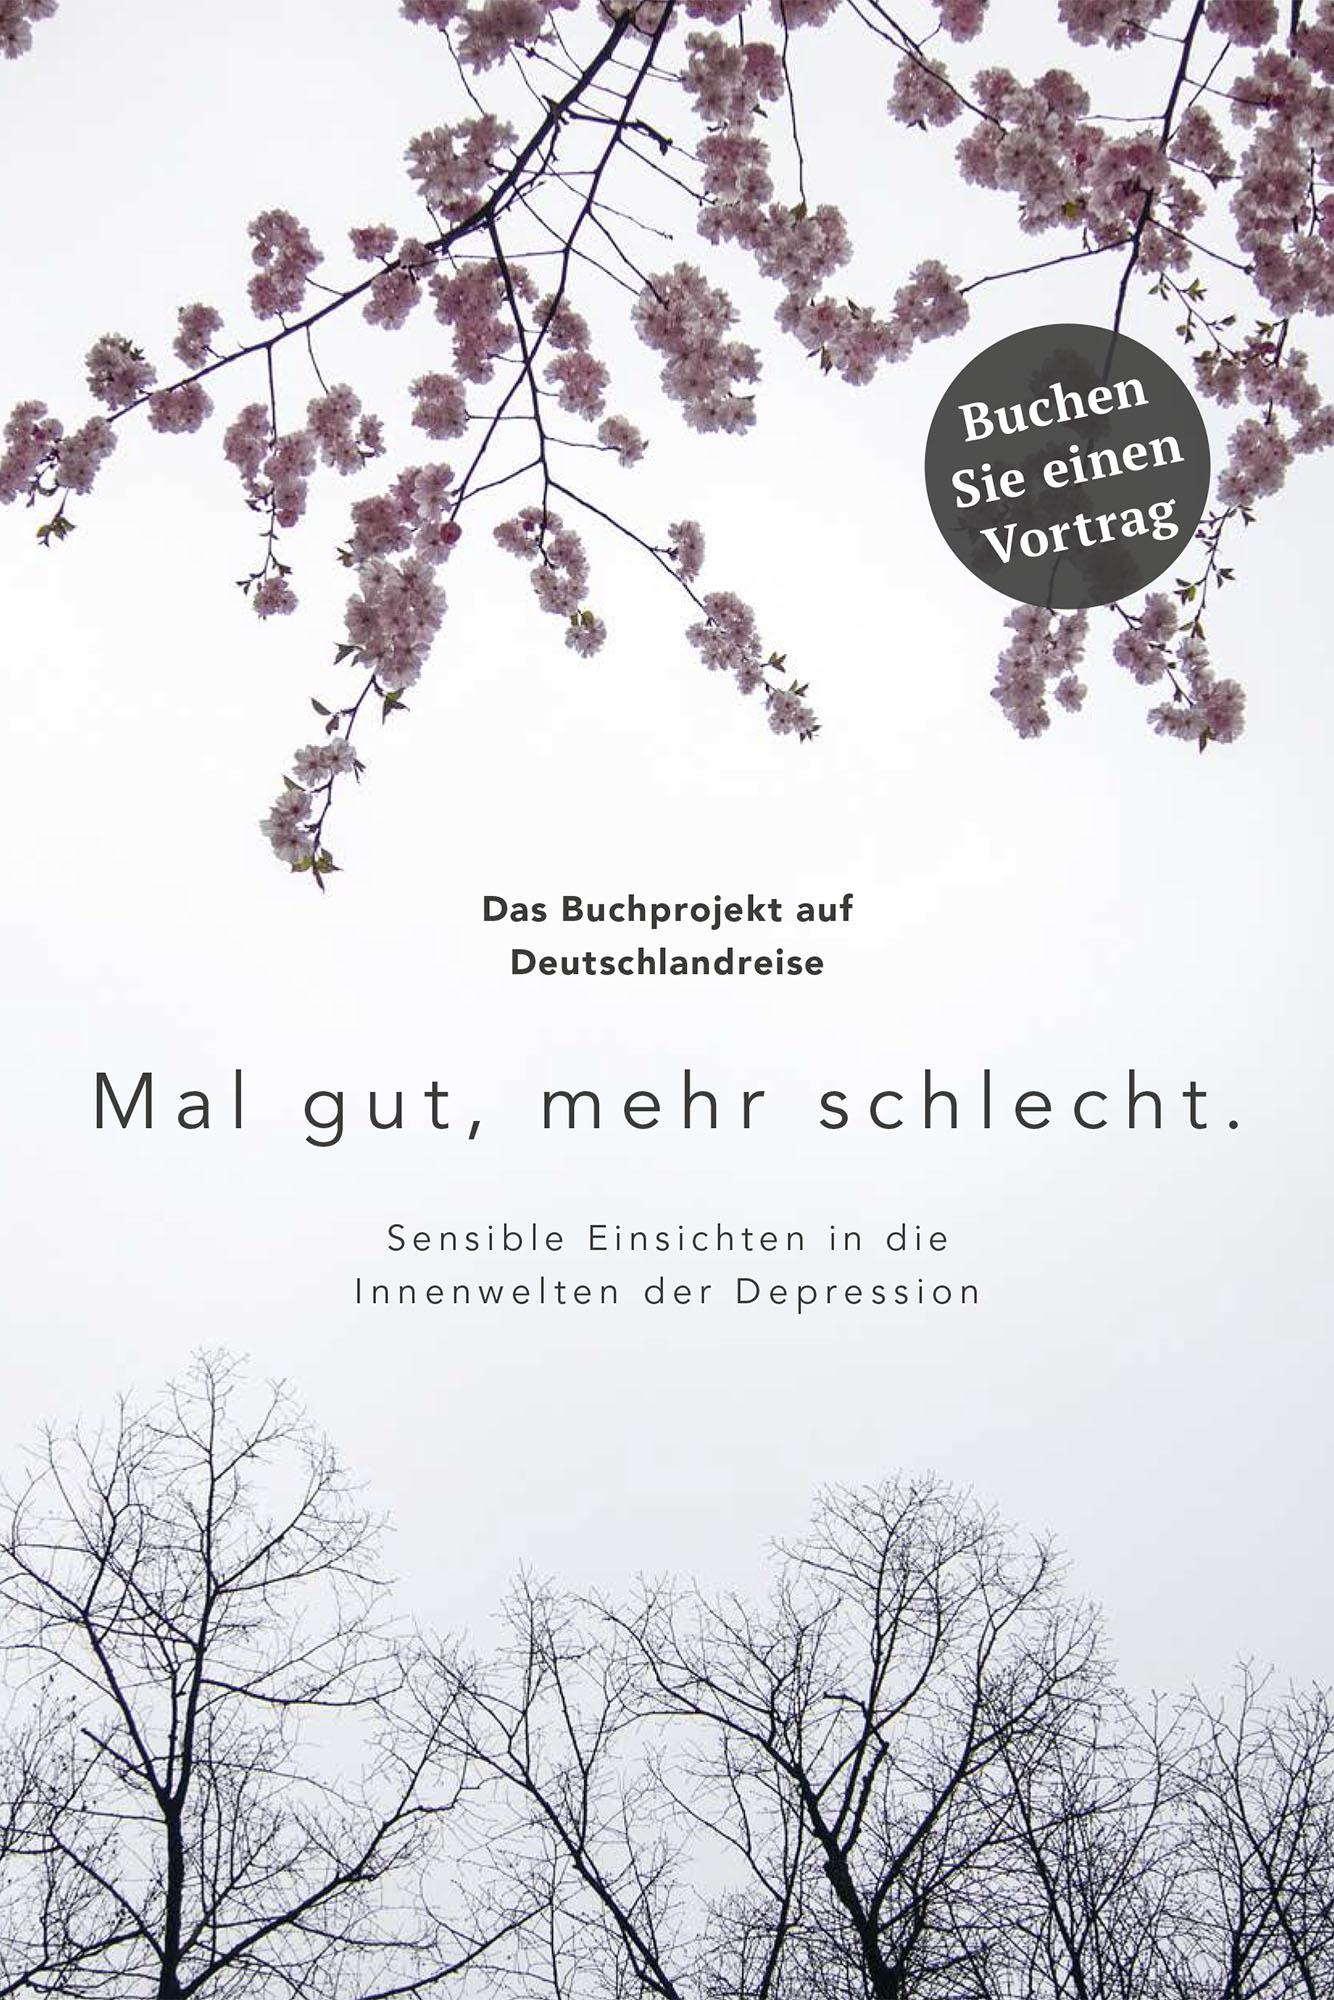 Broschuere_MGMS_Vortrag_Depression_Nora-Klein-Fotografie